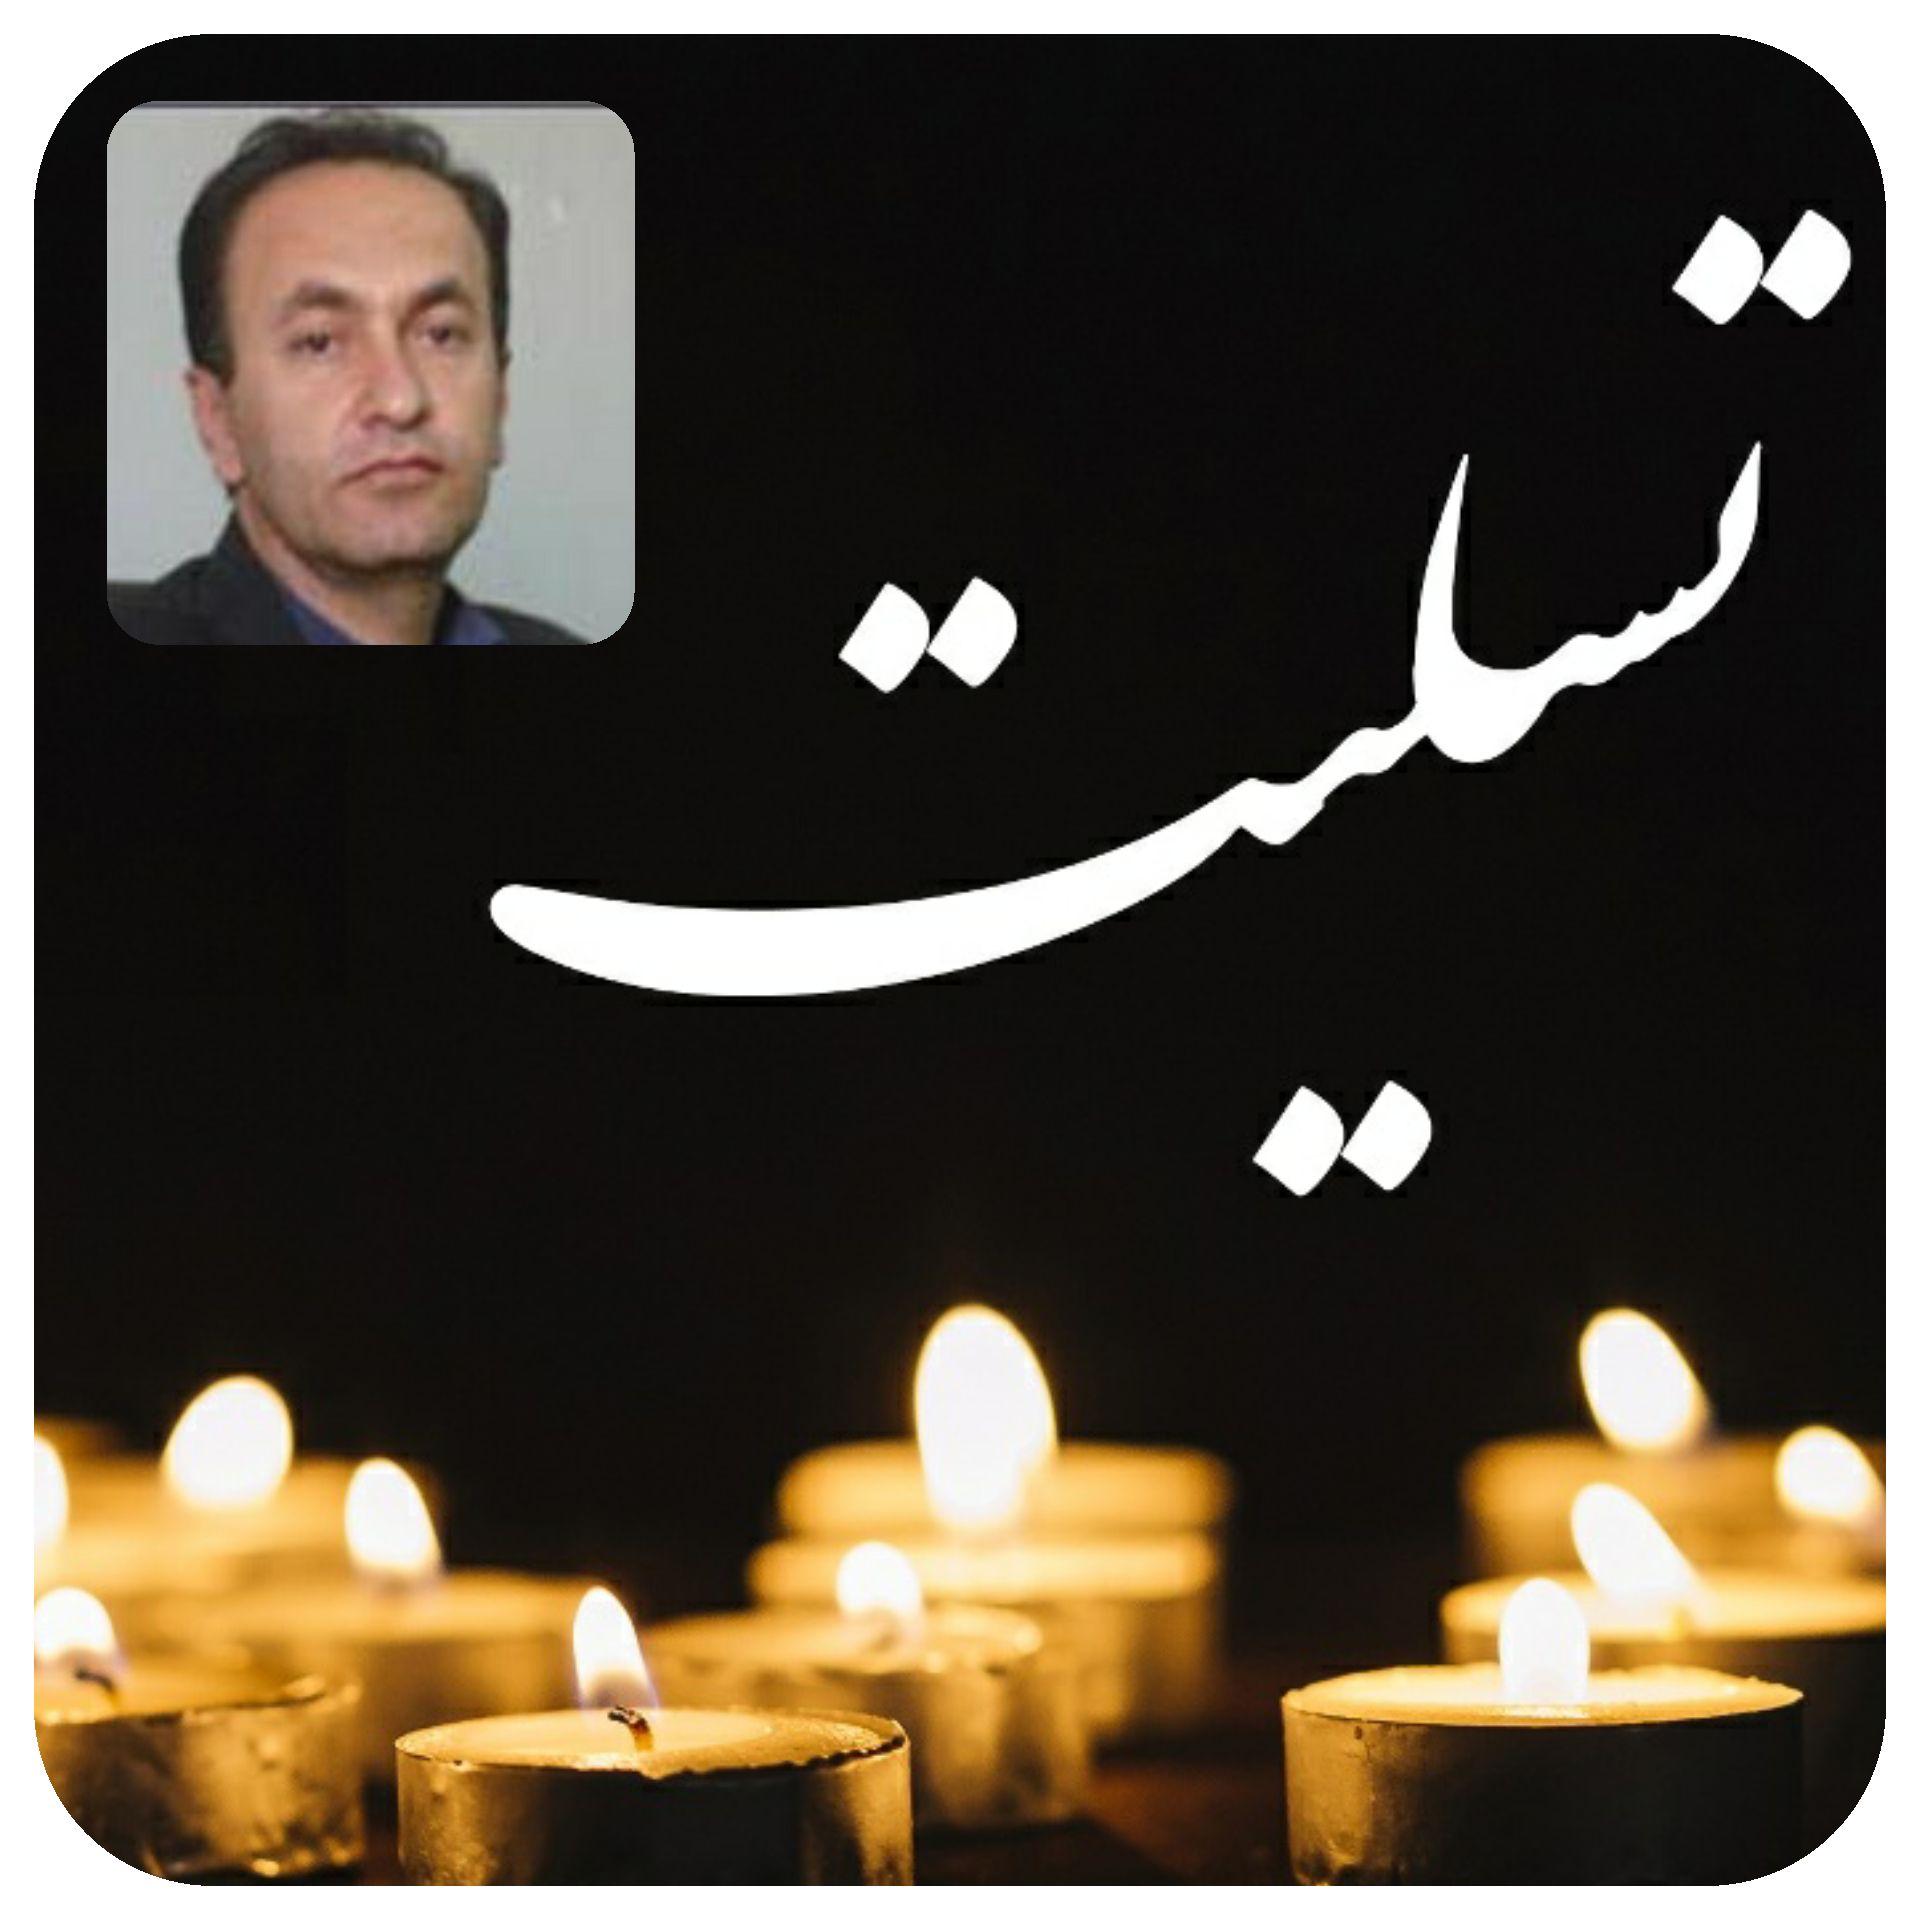 پیام تسلیت ریاست دانشگاه کردستان به مناسبت درگذشت استاد گرانقدر دکتر ناصر قادری بدنه خبر دانشگاه کردستان Concert Story Public